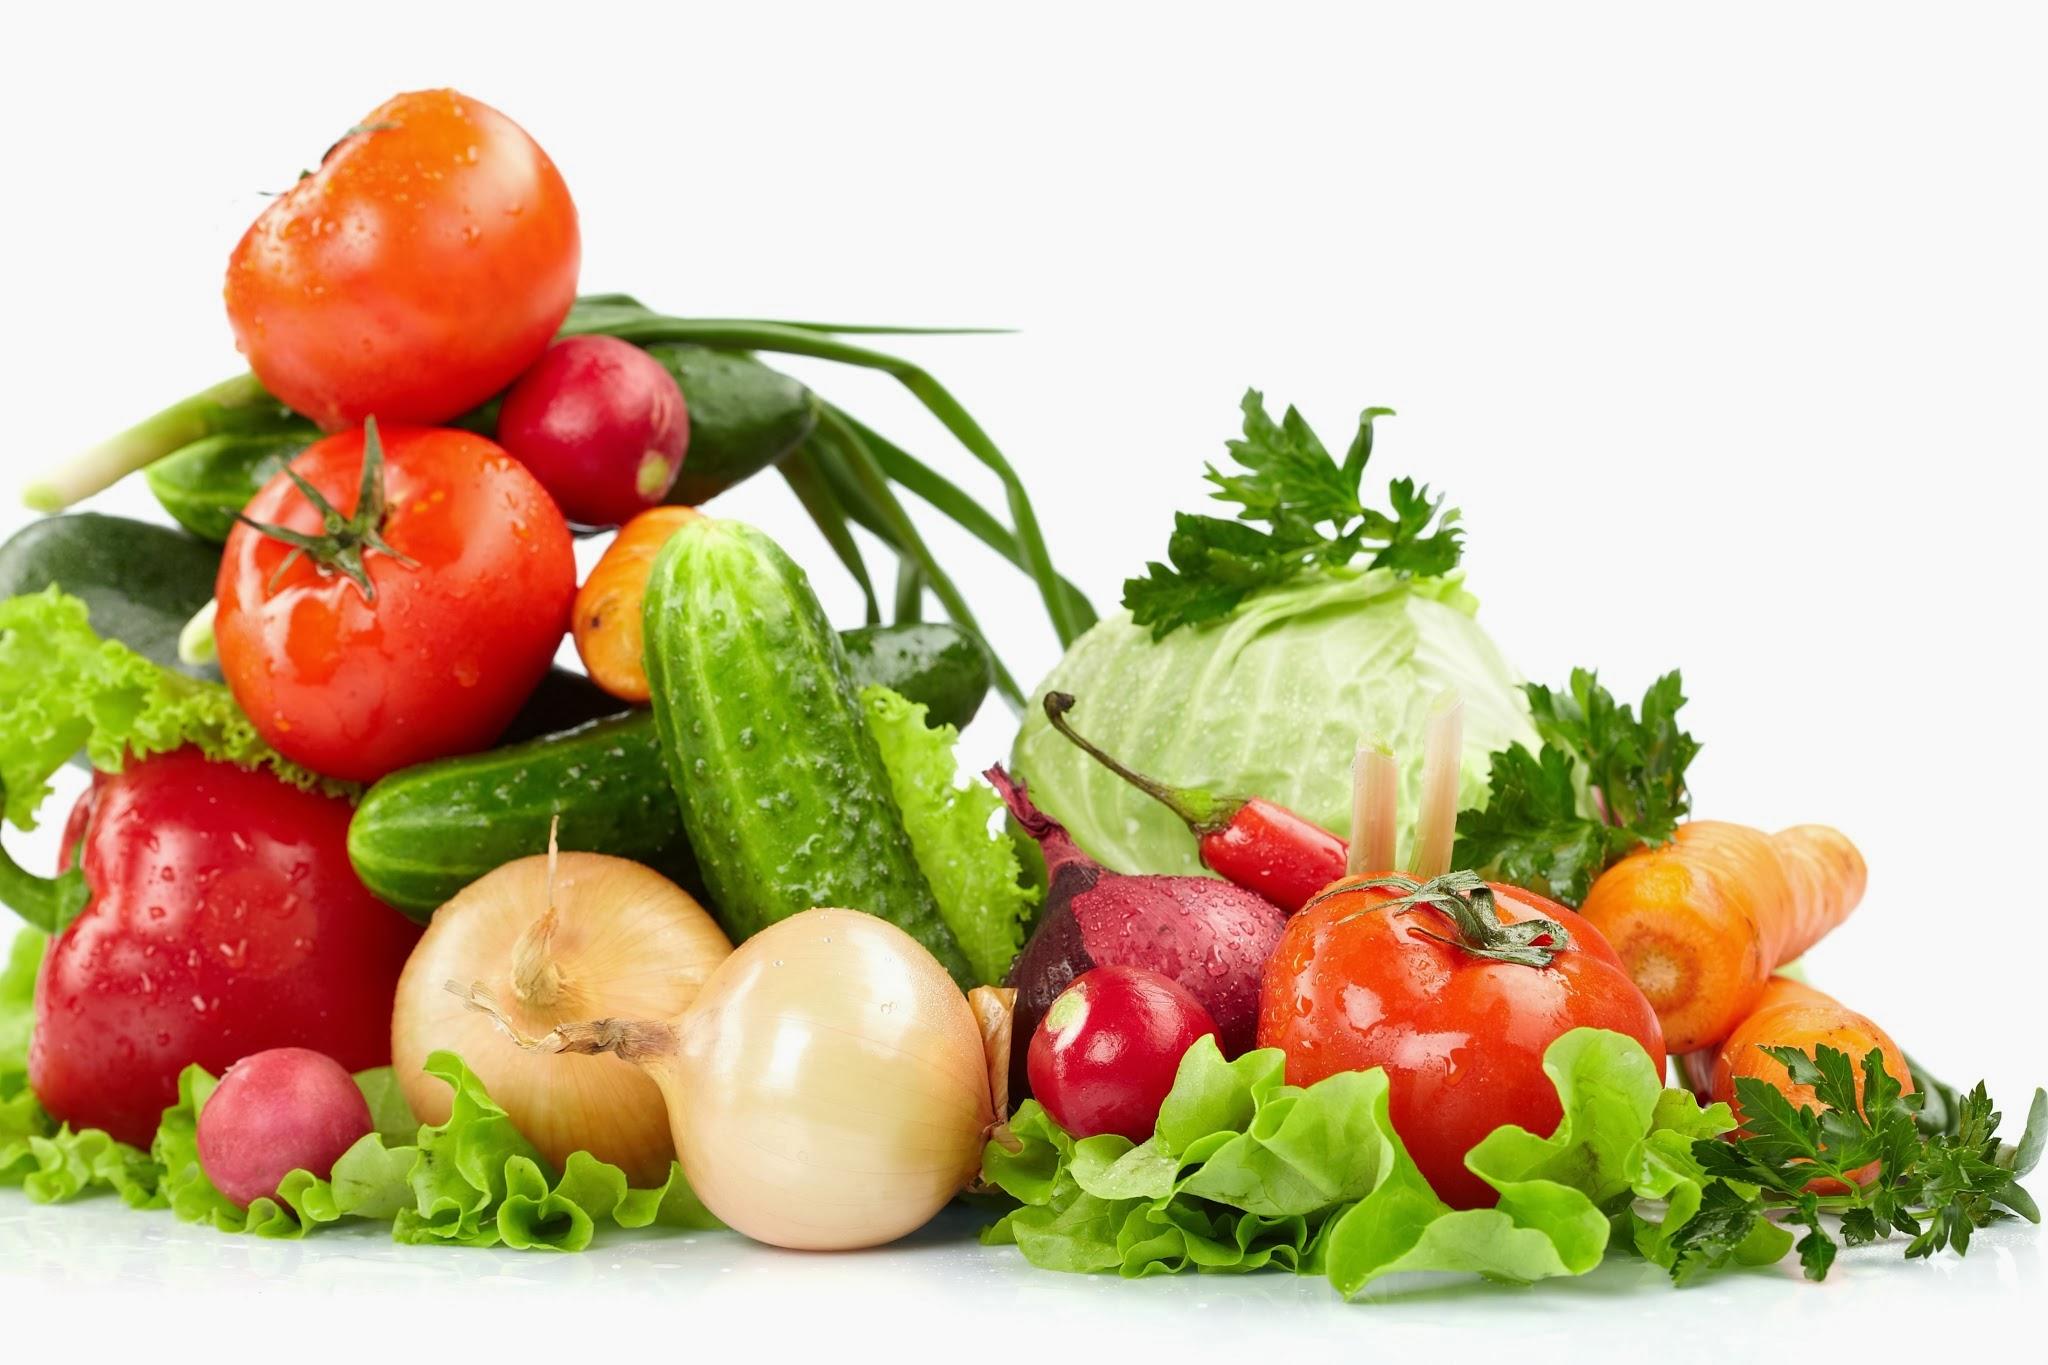 Nhớ ăn nhiều rau củ quả tươi ít đường khi bị viêm âm đạo